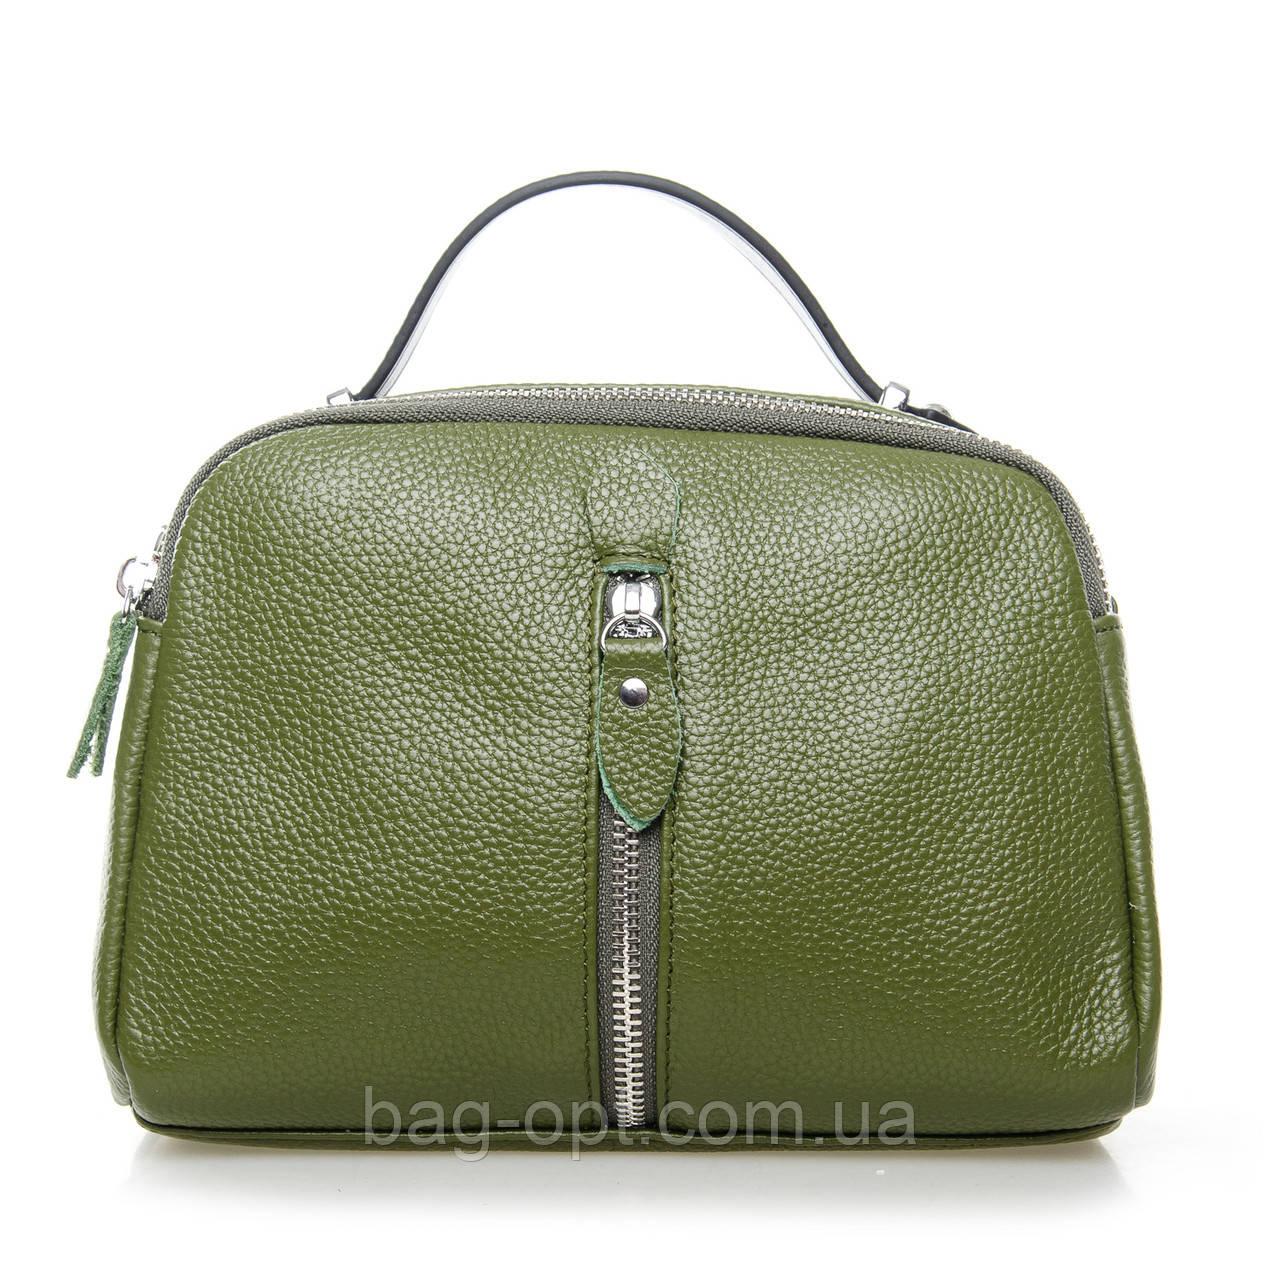 Сумка-клатч кожаная женская Alex Rai  (22x16x11 см) green